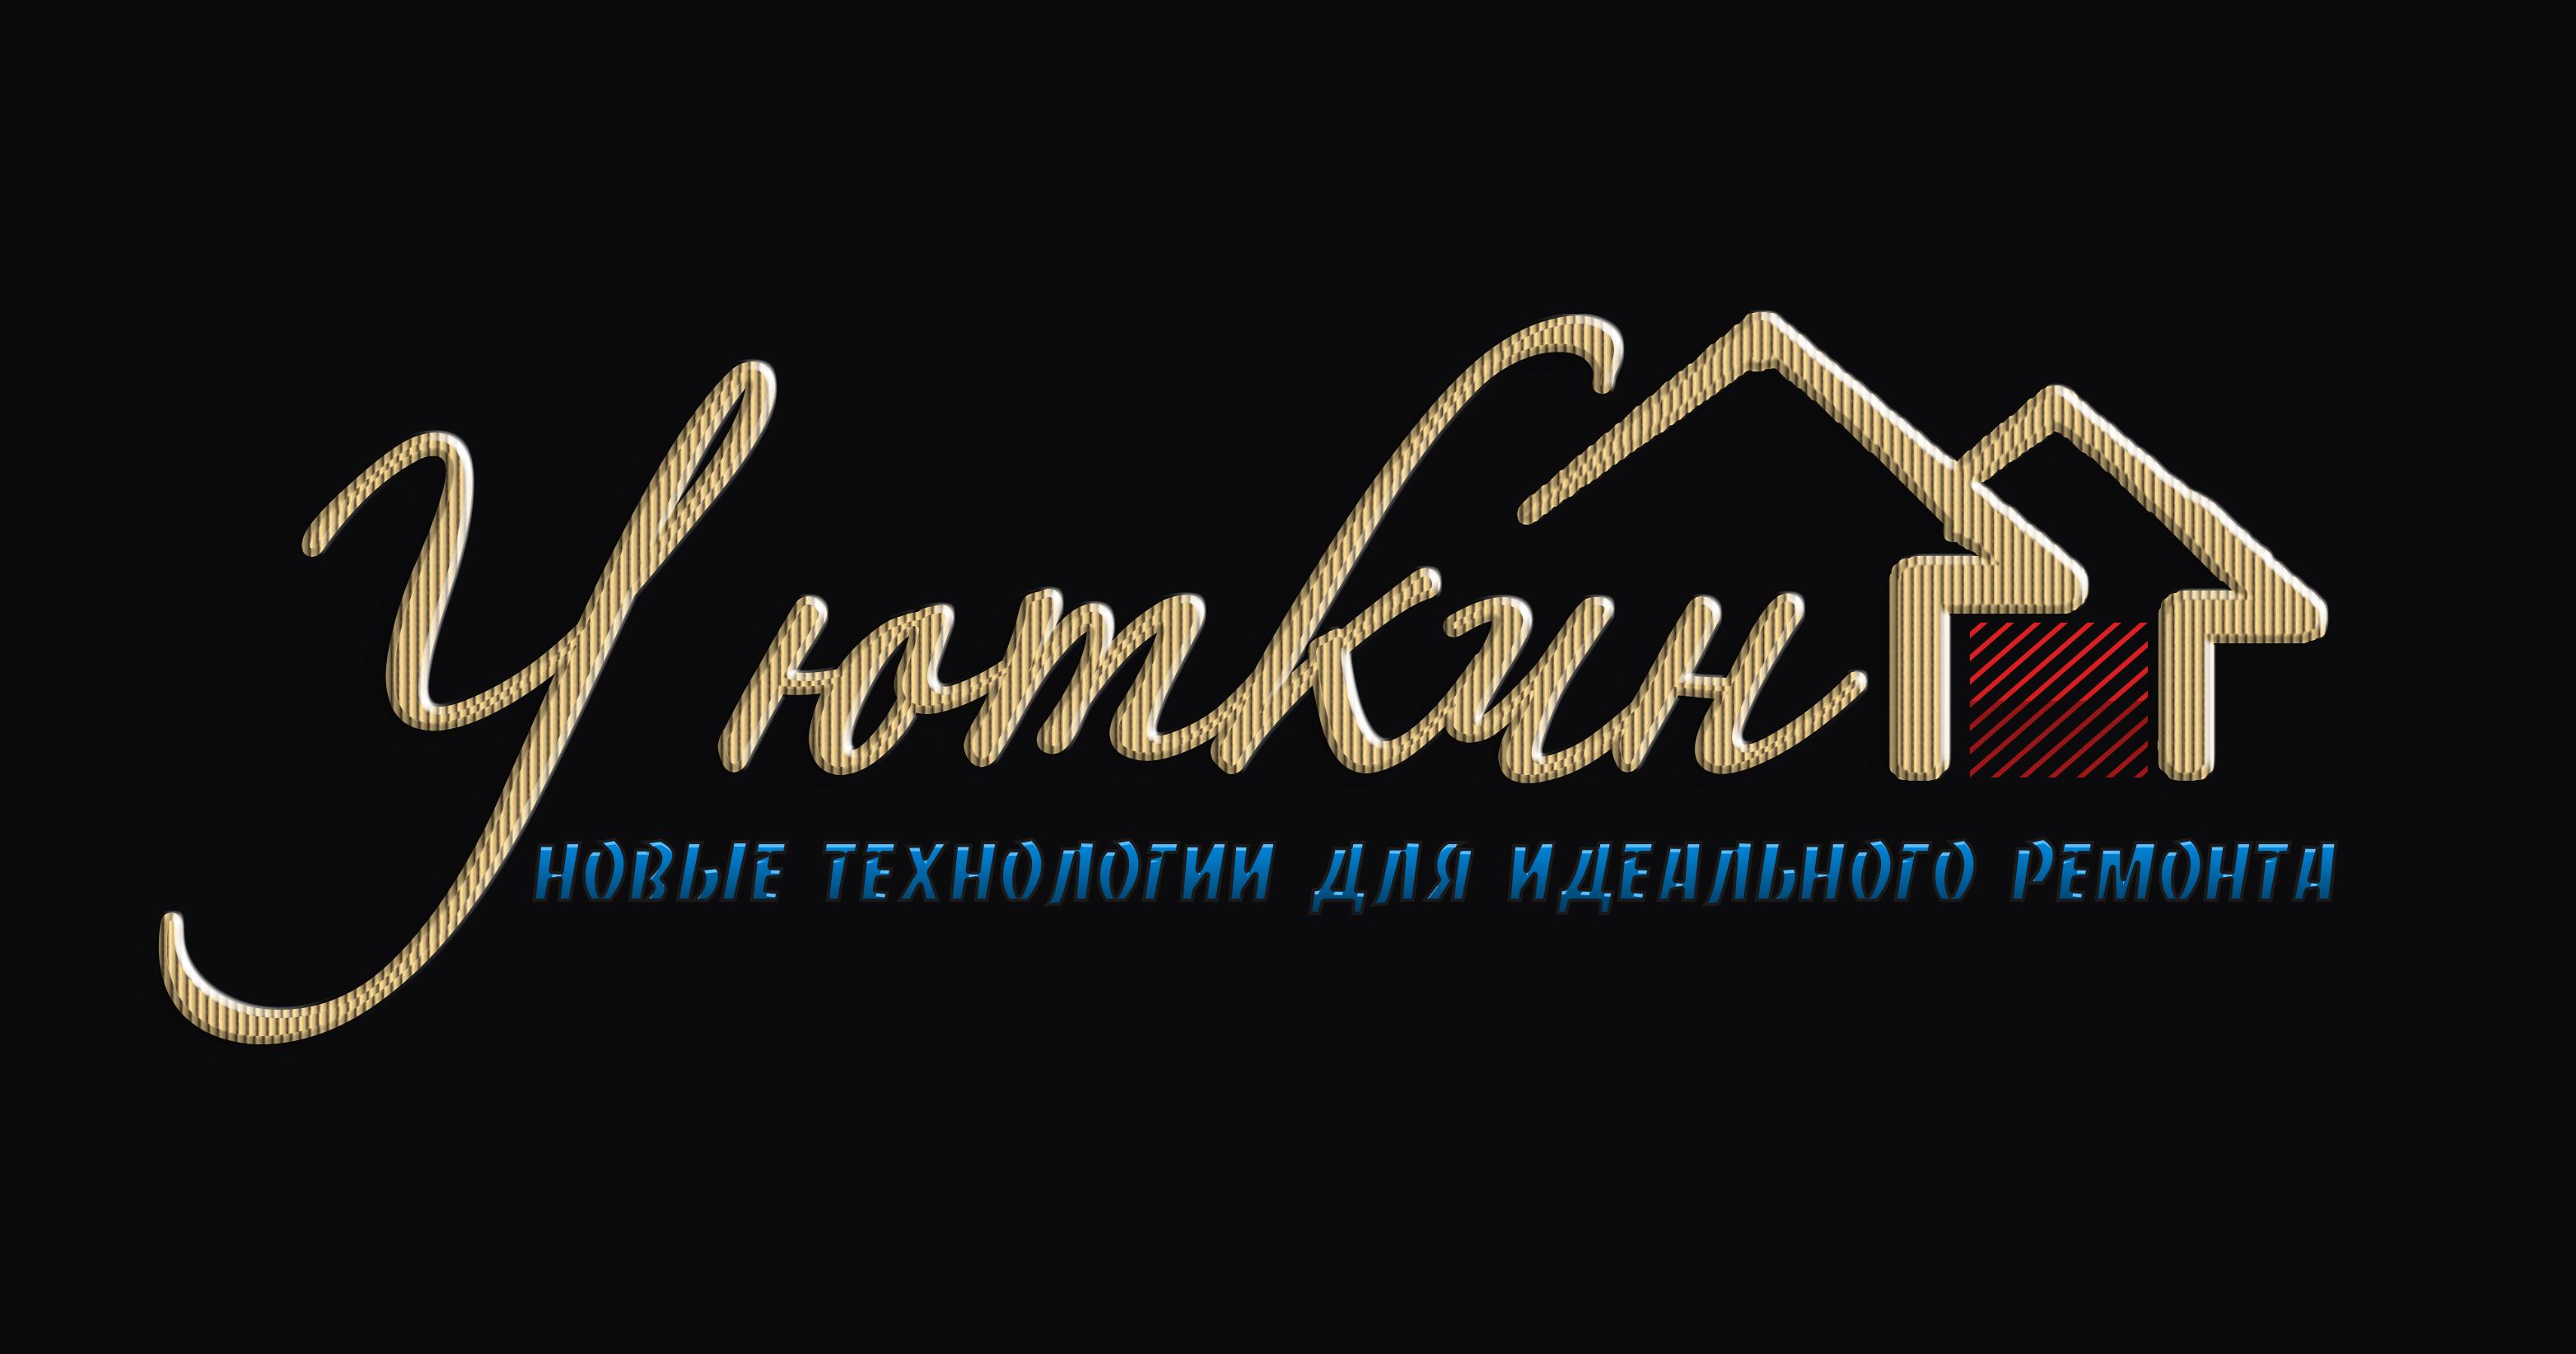 Создание логотипа и стиля сайта фото f_2675c613d01e3b01.jpg